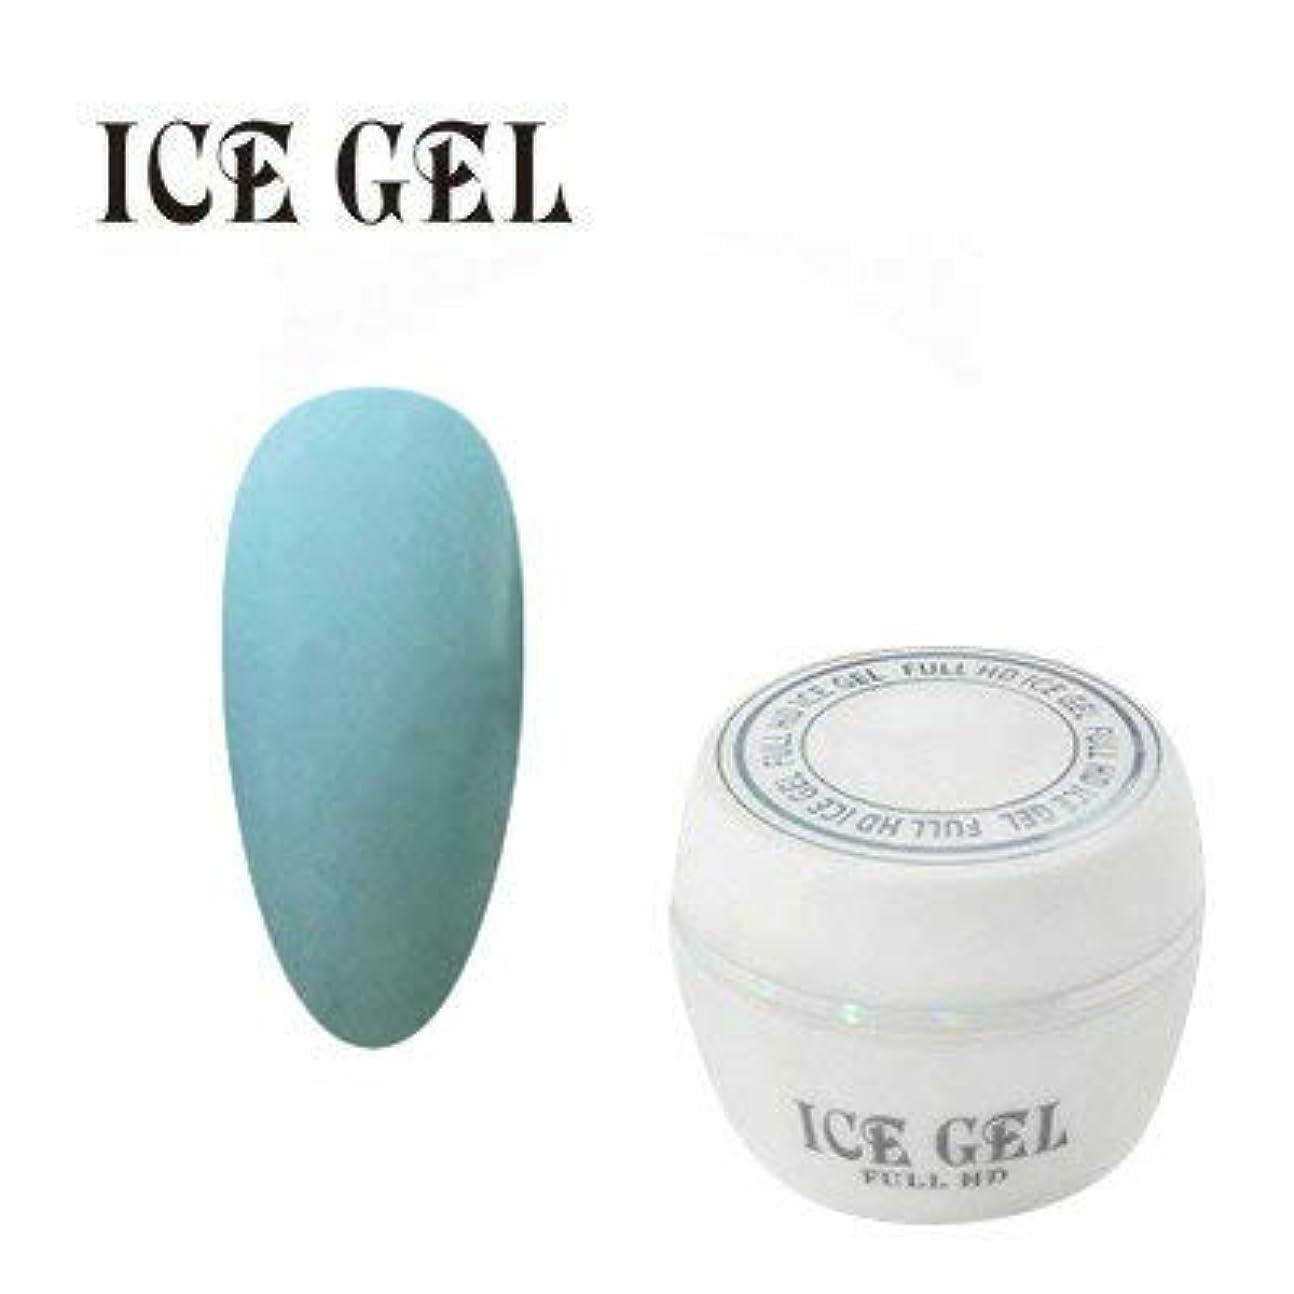 一般的に言えば気分が悪いグラスアイスジェル カラージェル COLOR TRICK CT-631 3g